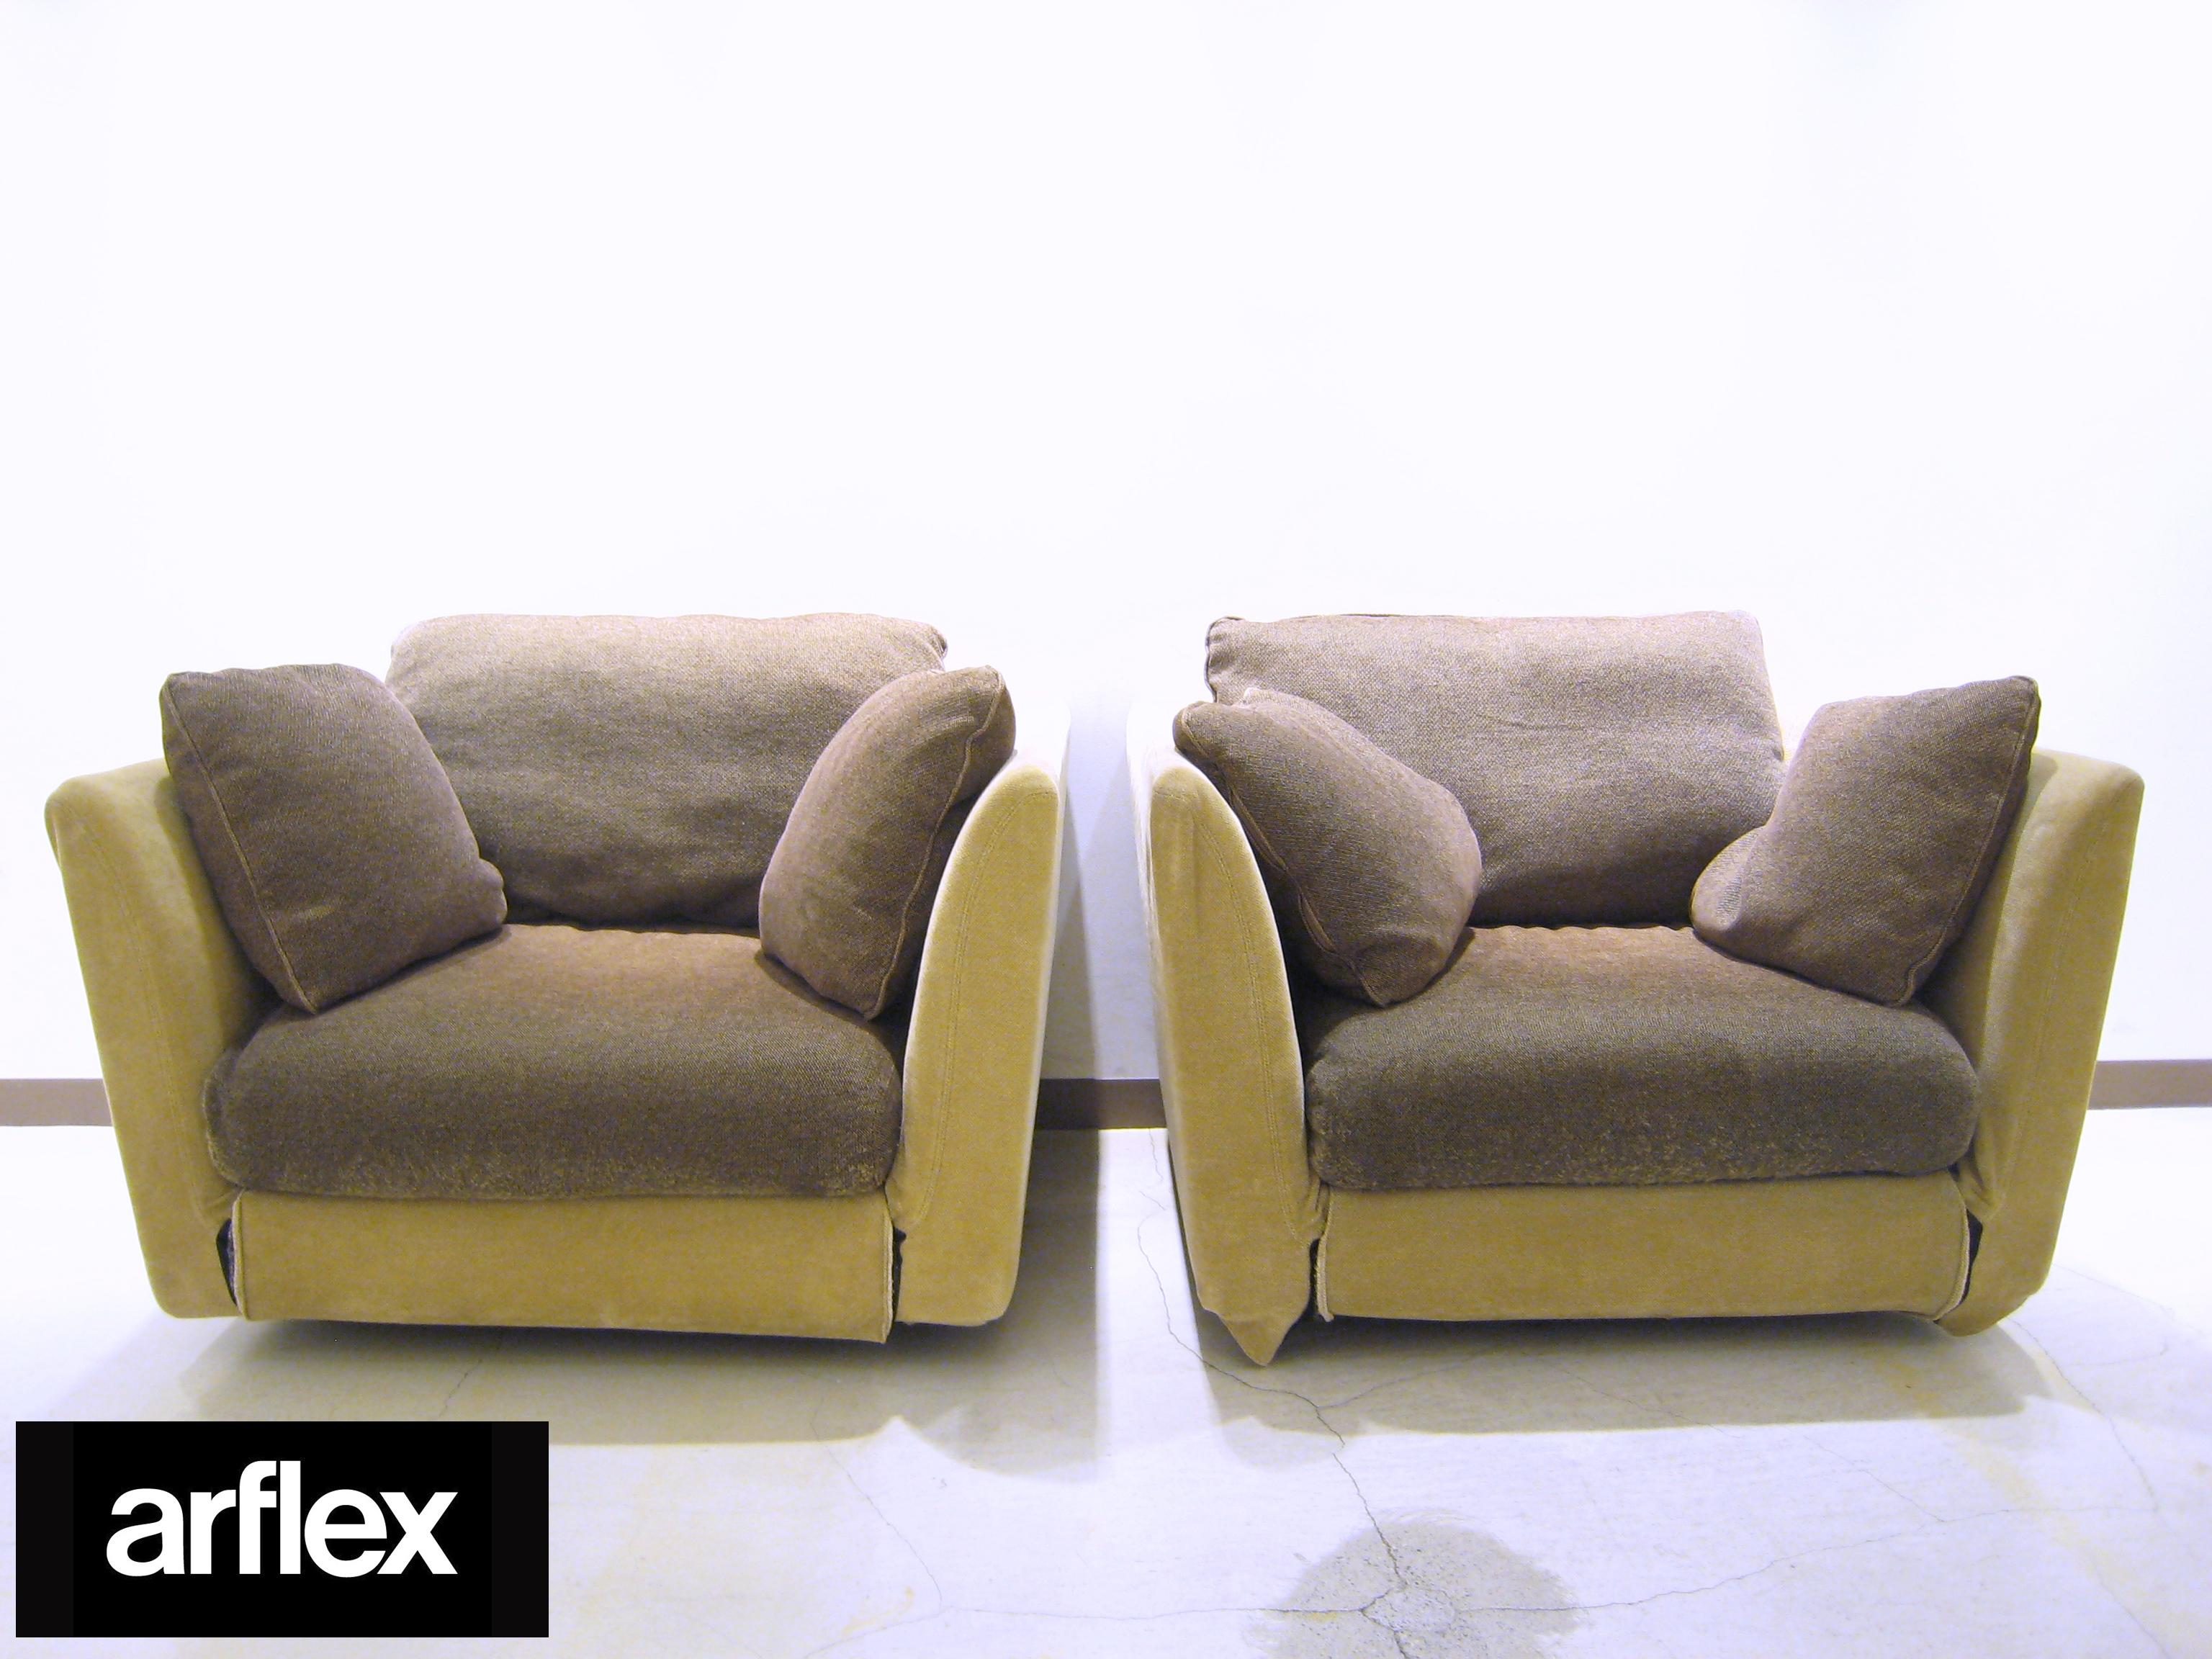 ◇東京都港区より arflex アルフレックス A SOFA MEDIUM ソファ お買取り入荷致しました。